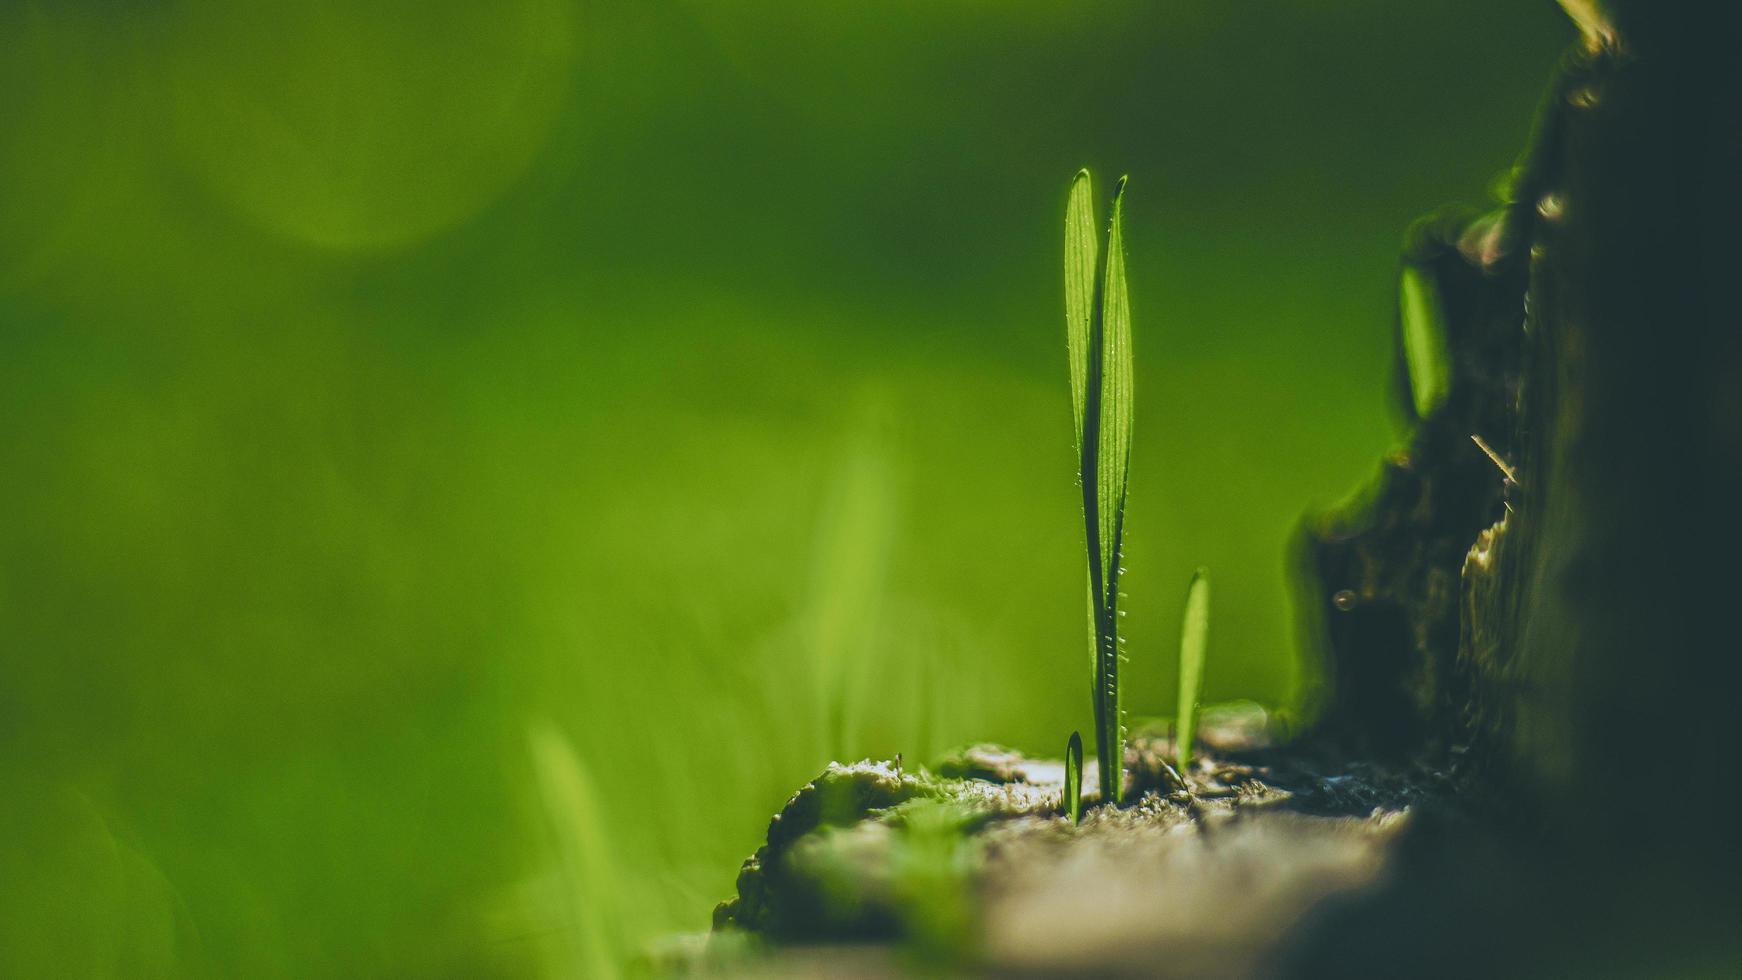 jeunes pousses d'herbe dans la nature photo